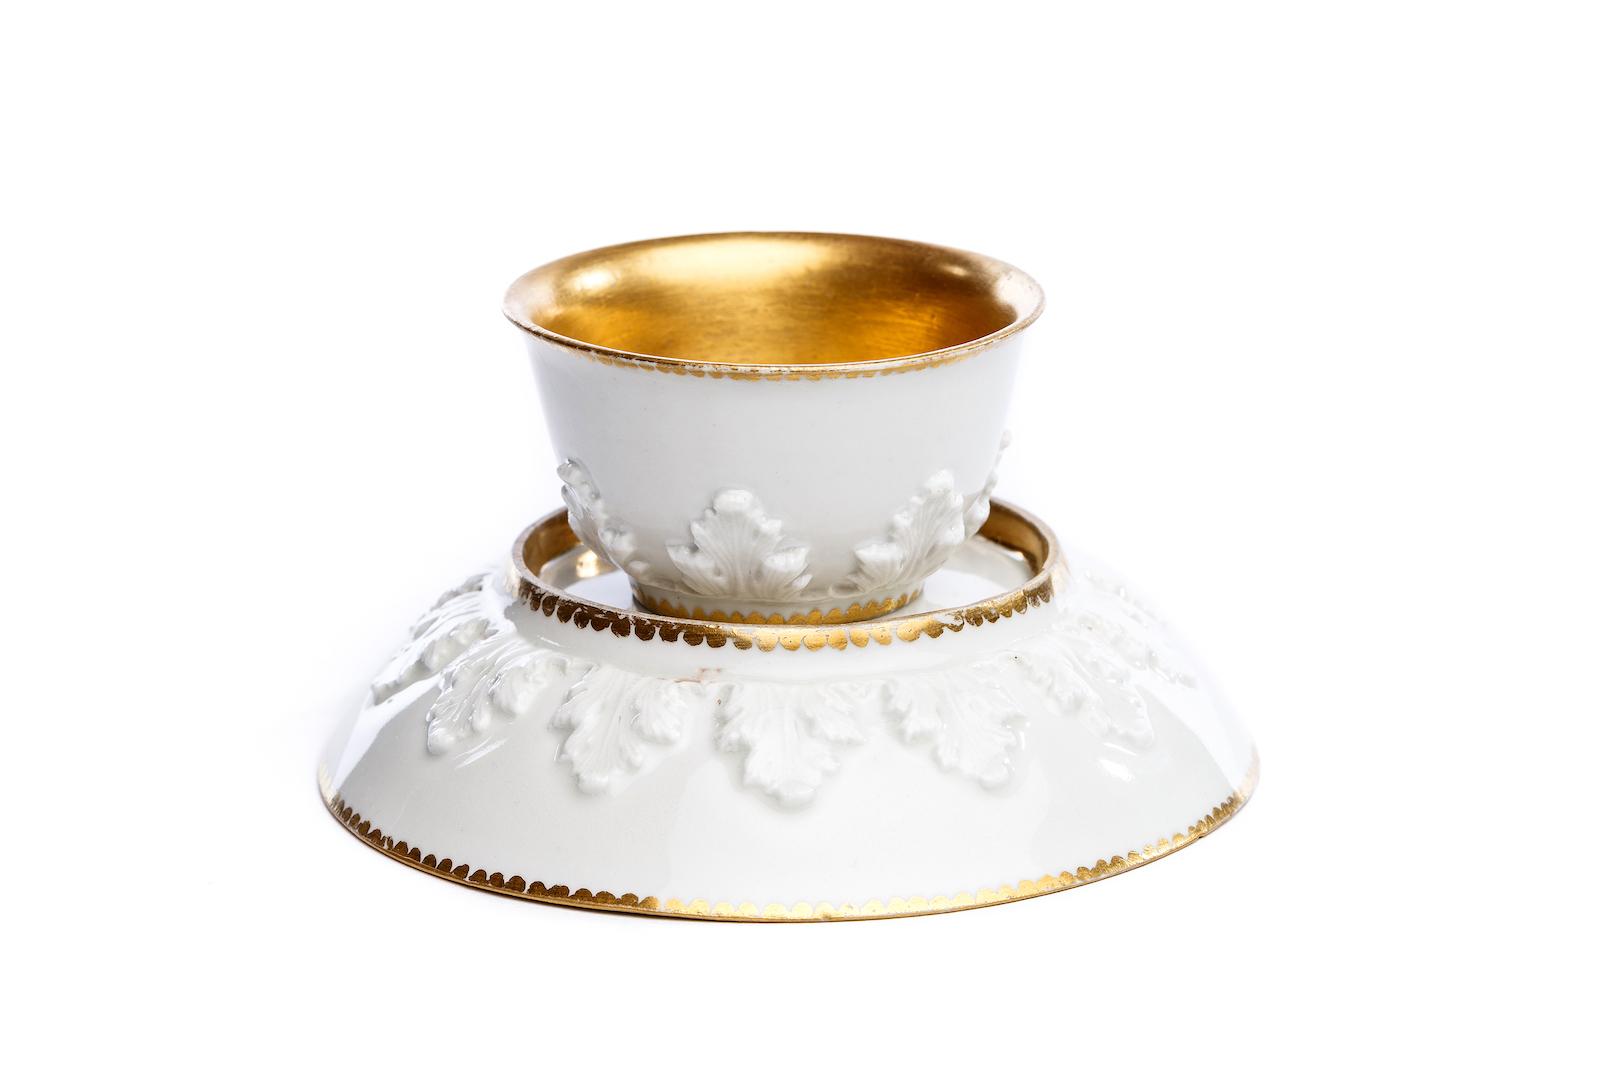 #93 Koppchen mit Unterschale, Meissen 1720/30   Bowl with saucer, Meissen 1720/30 Image